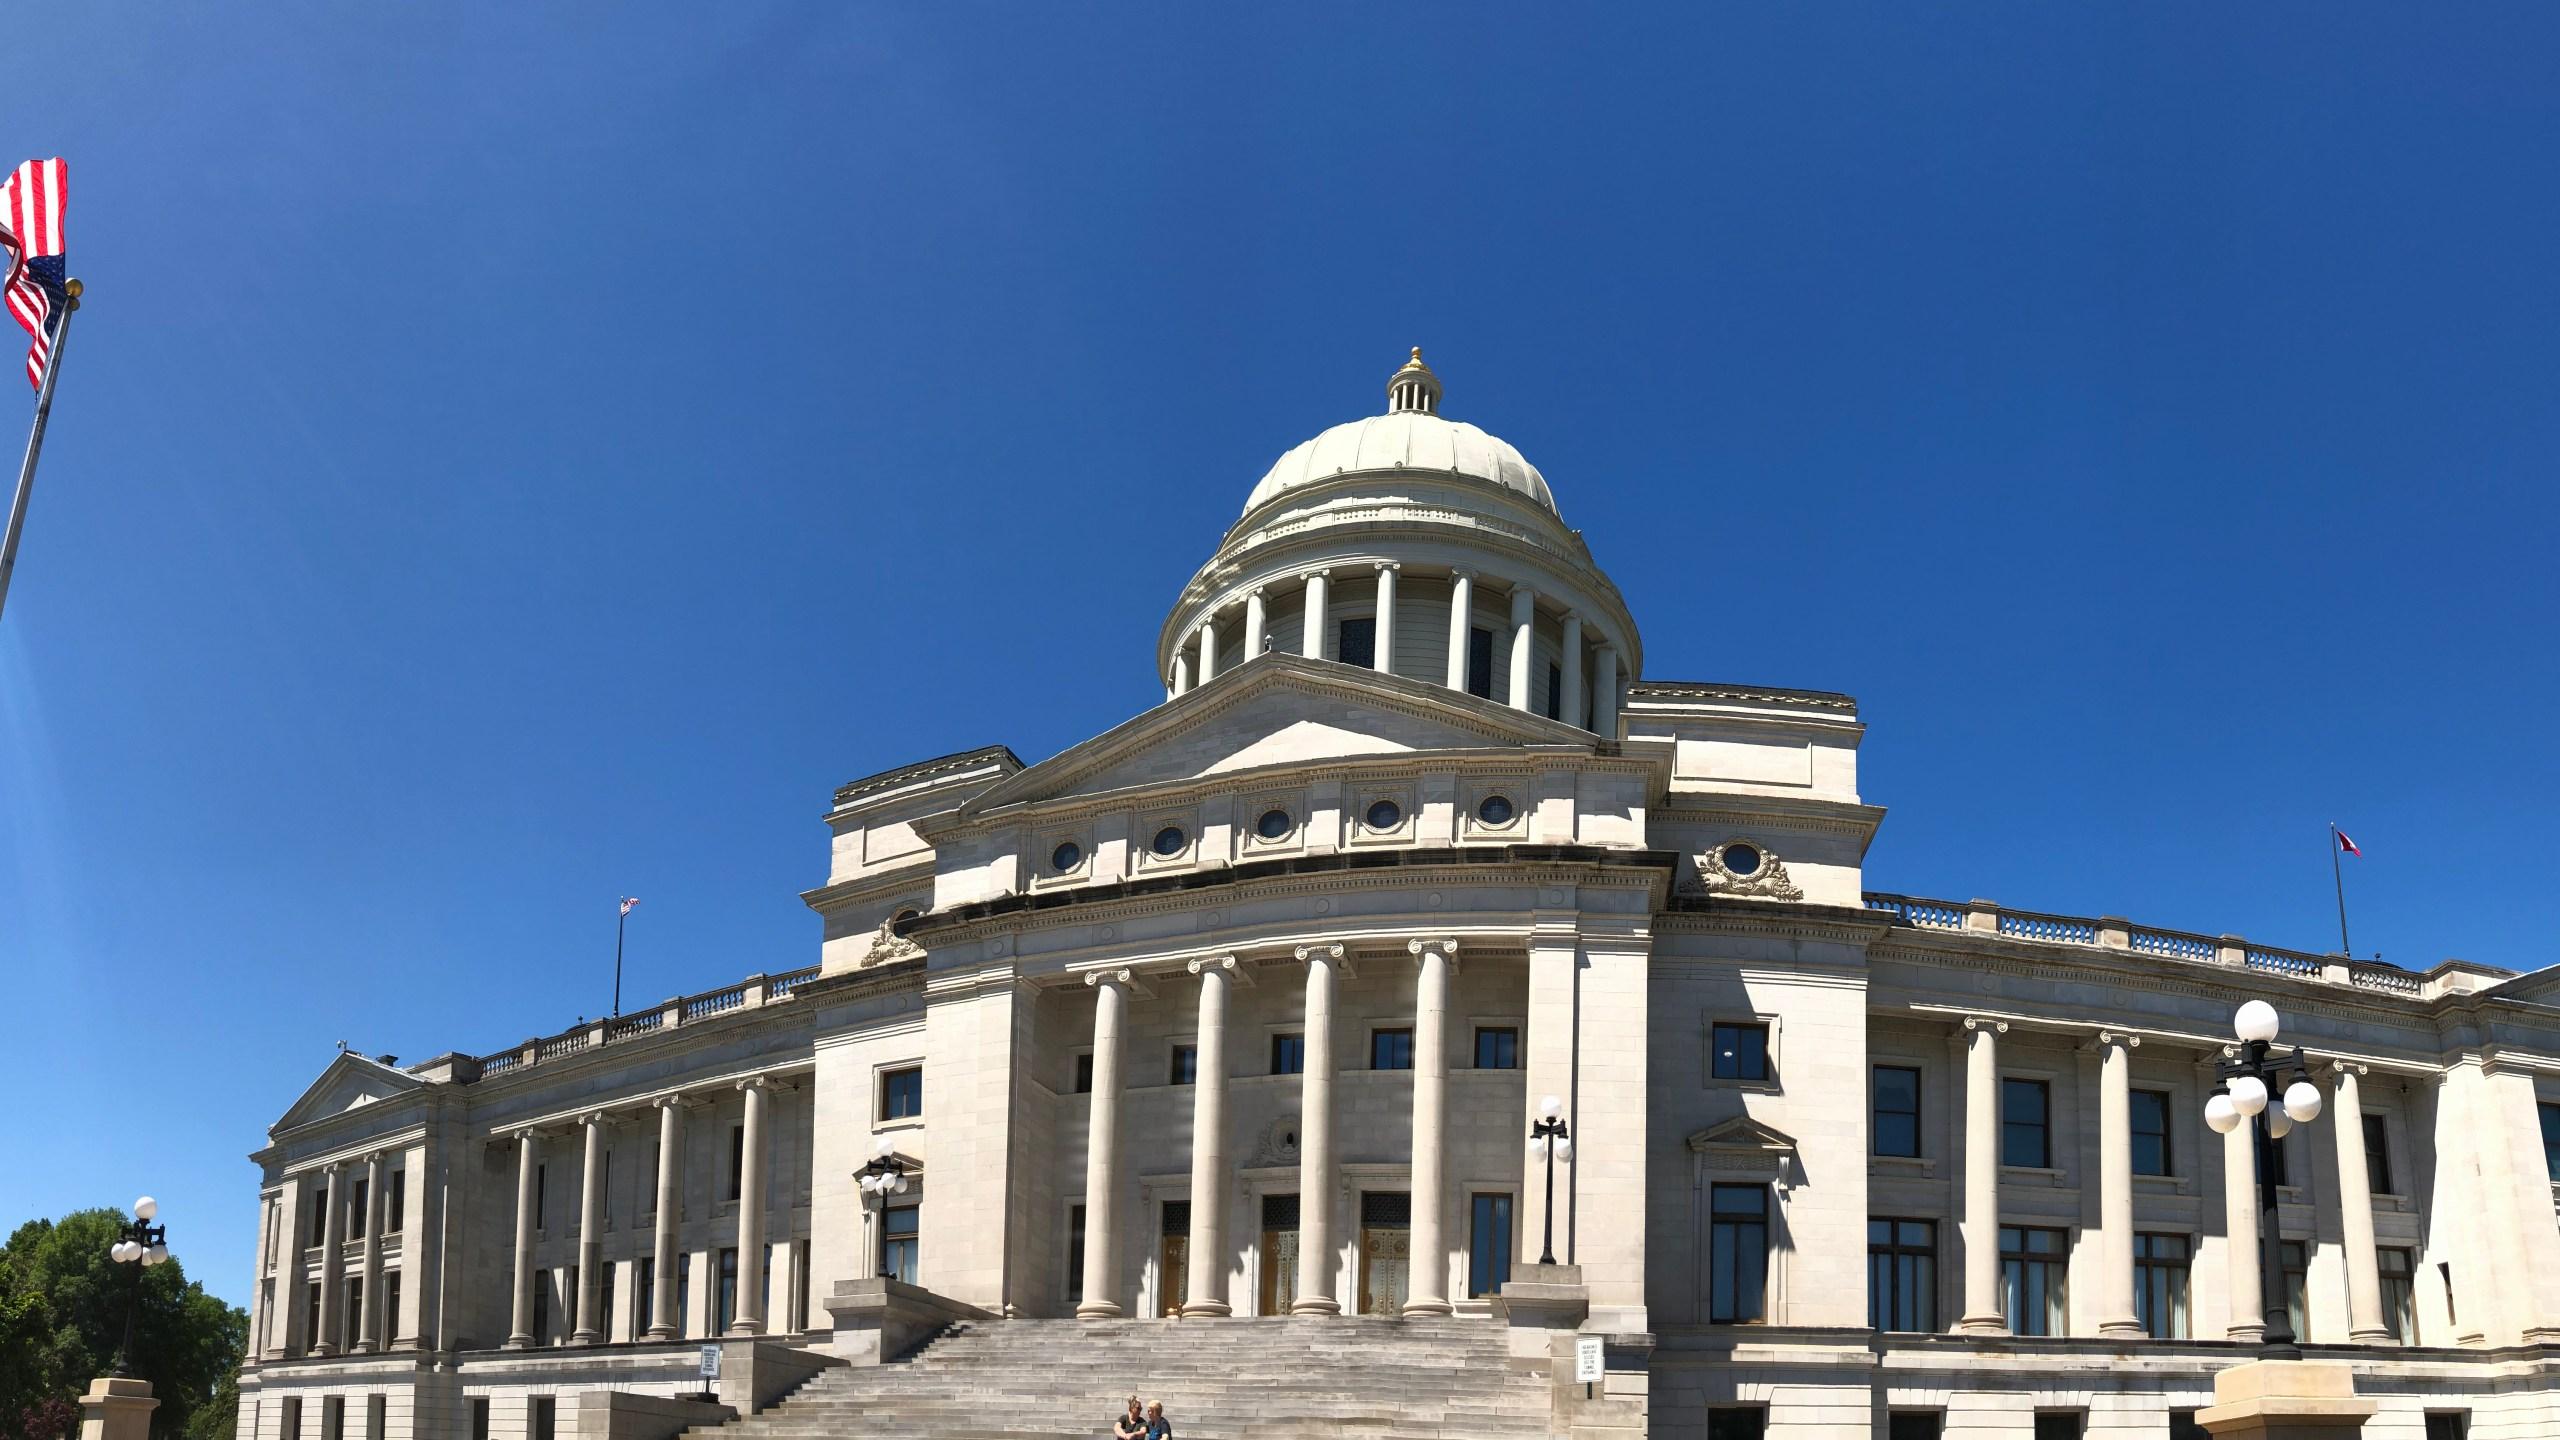 Arkansas State Capitol - 8_1555940058694.jpg.jpg